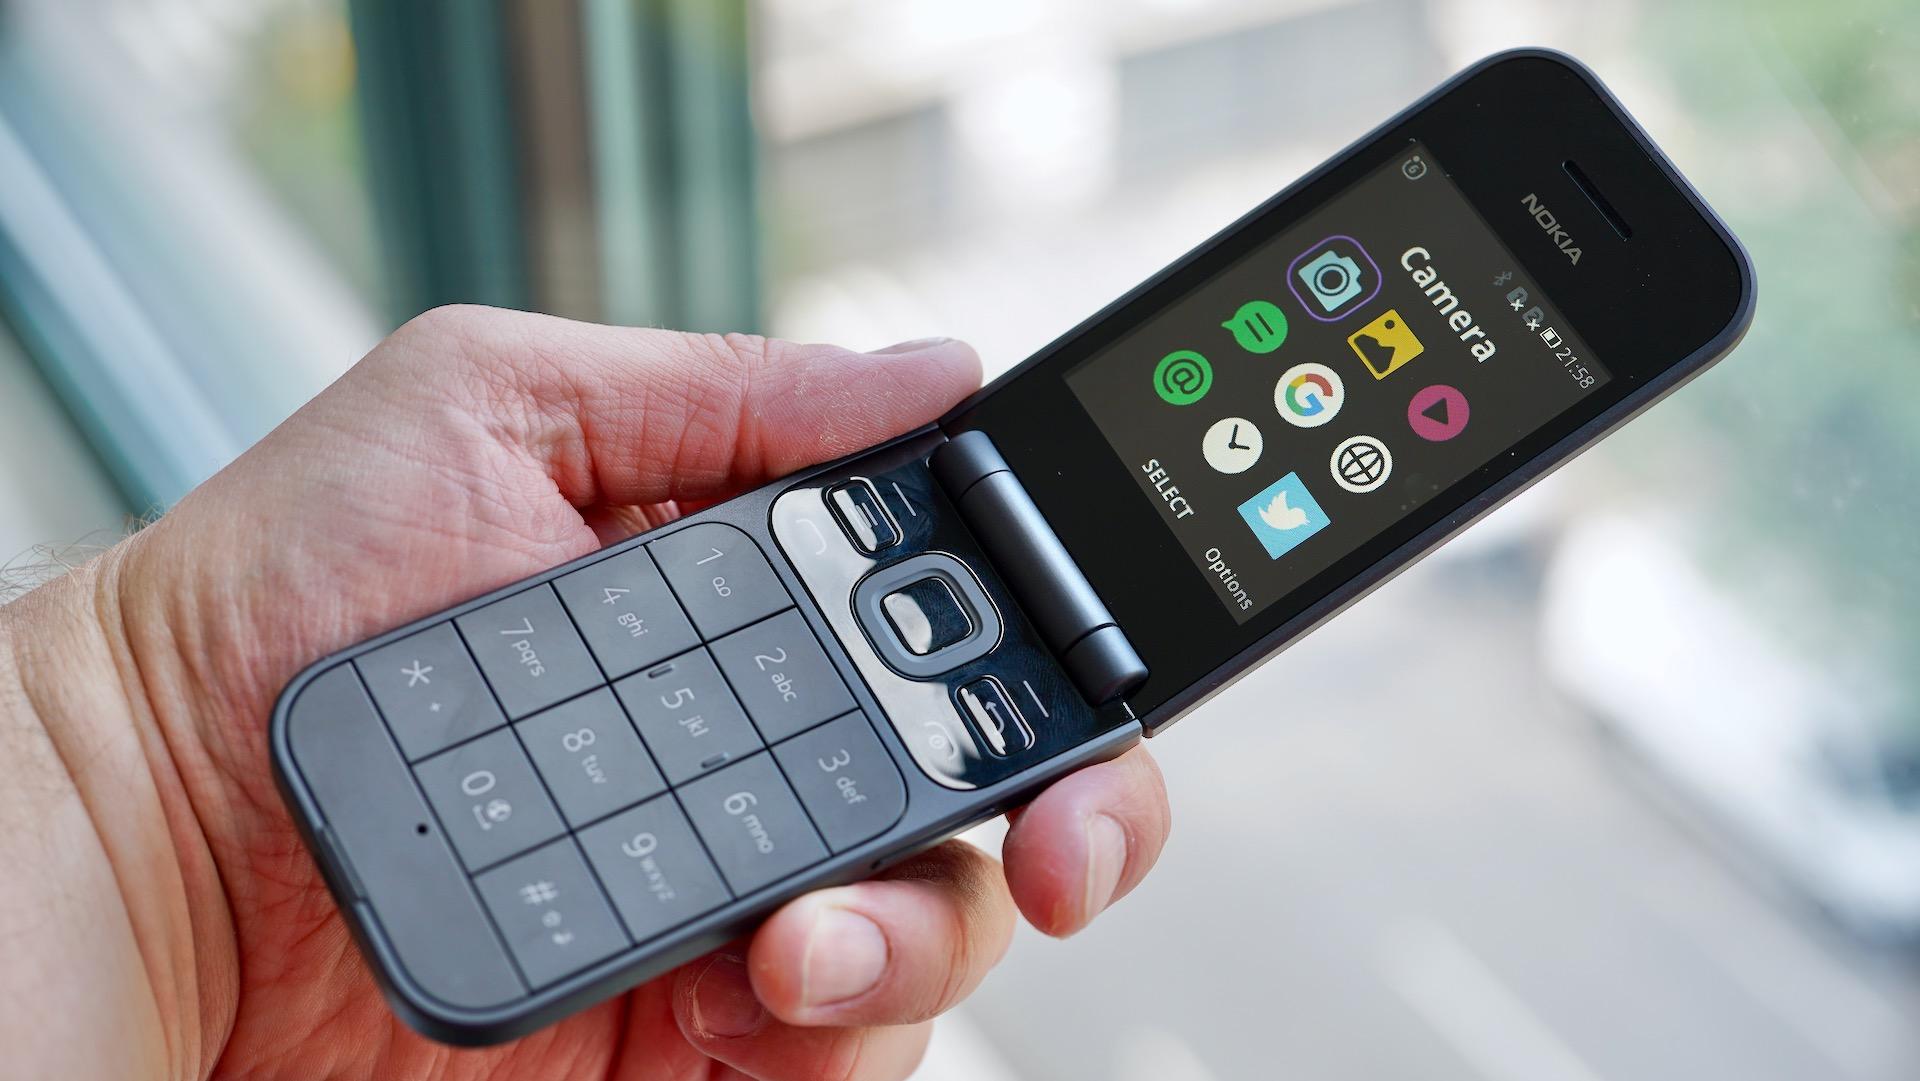 Nokia 2720 open in hand